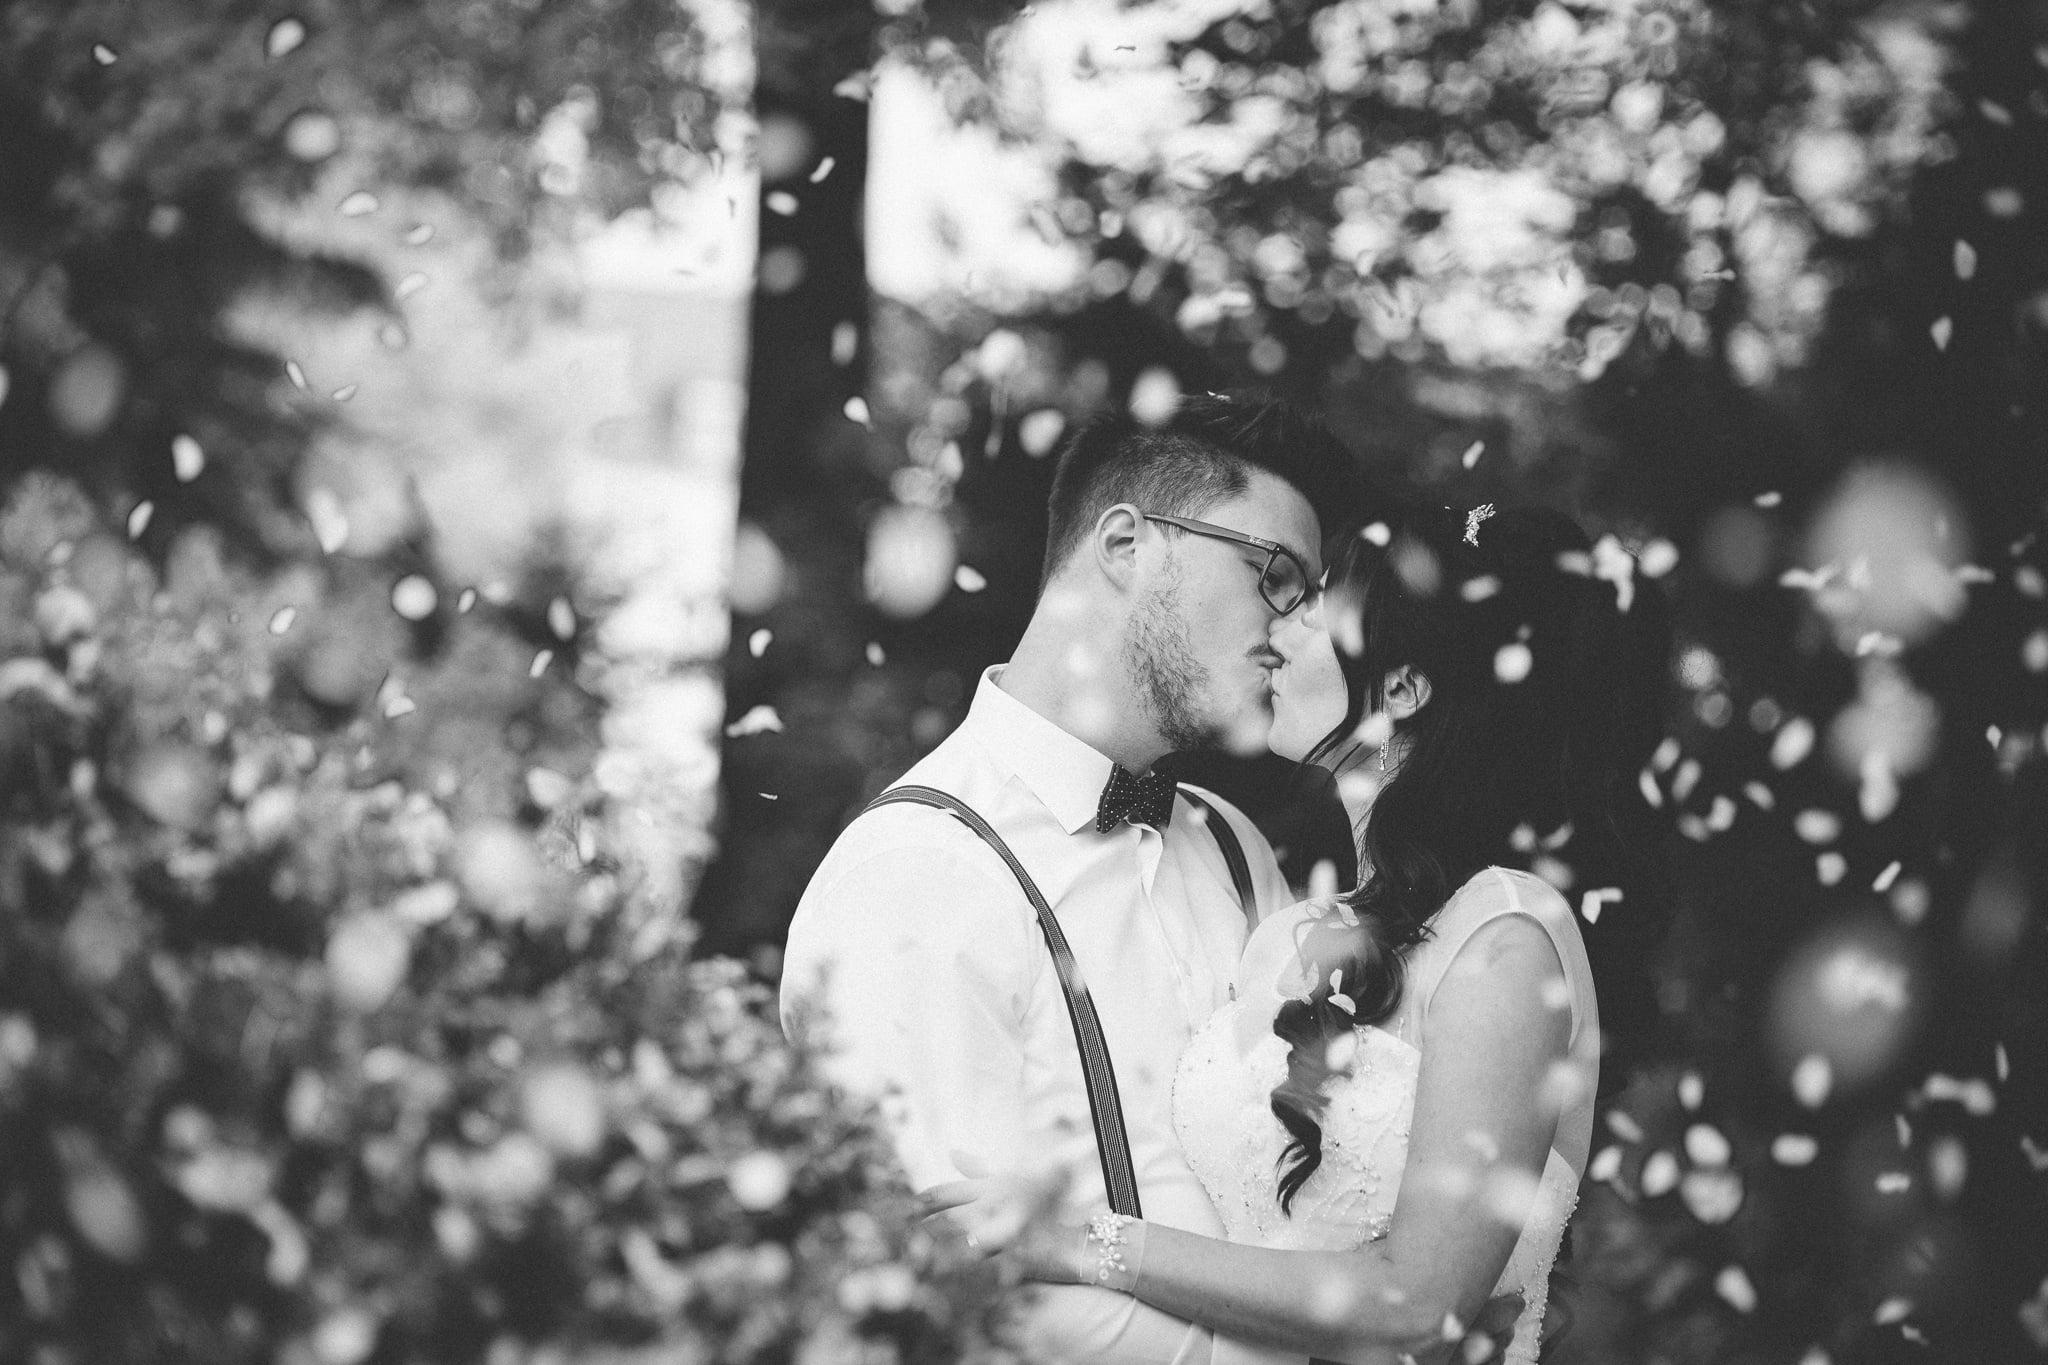 Küssendes Paar in Kirchblüten fotografiert durch Hochzeitsfotograf Trier.